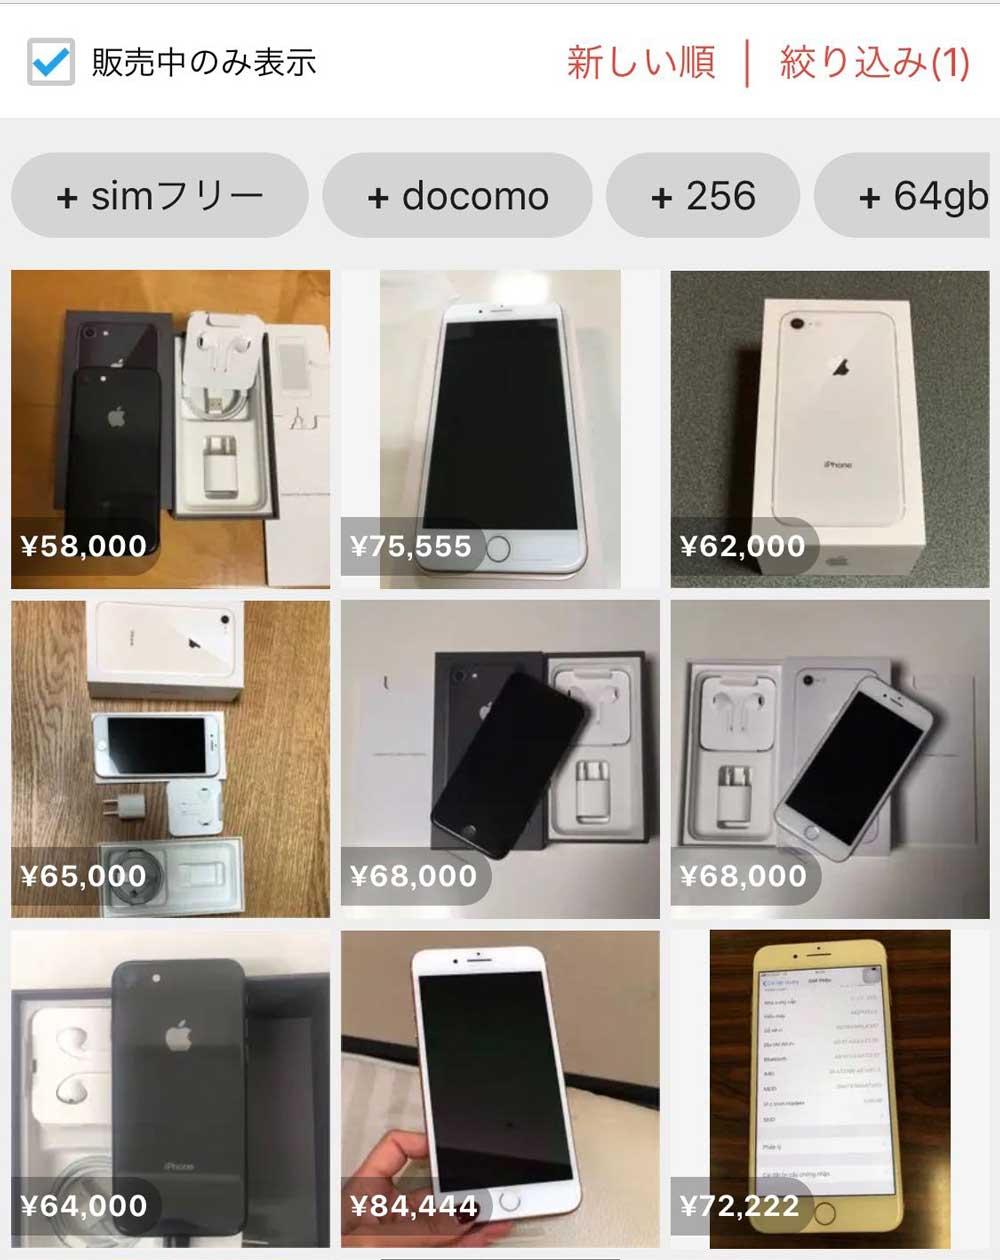 SIMフリーiPhoneをアップルストアで購入する前に知っておきたいこと